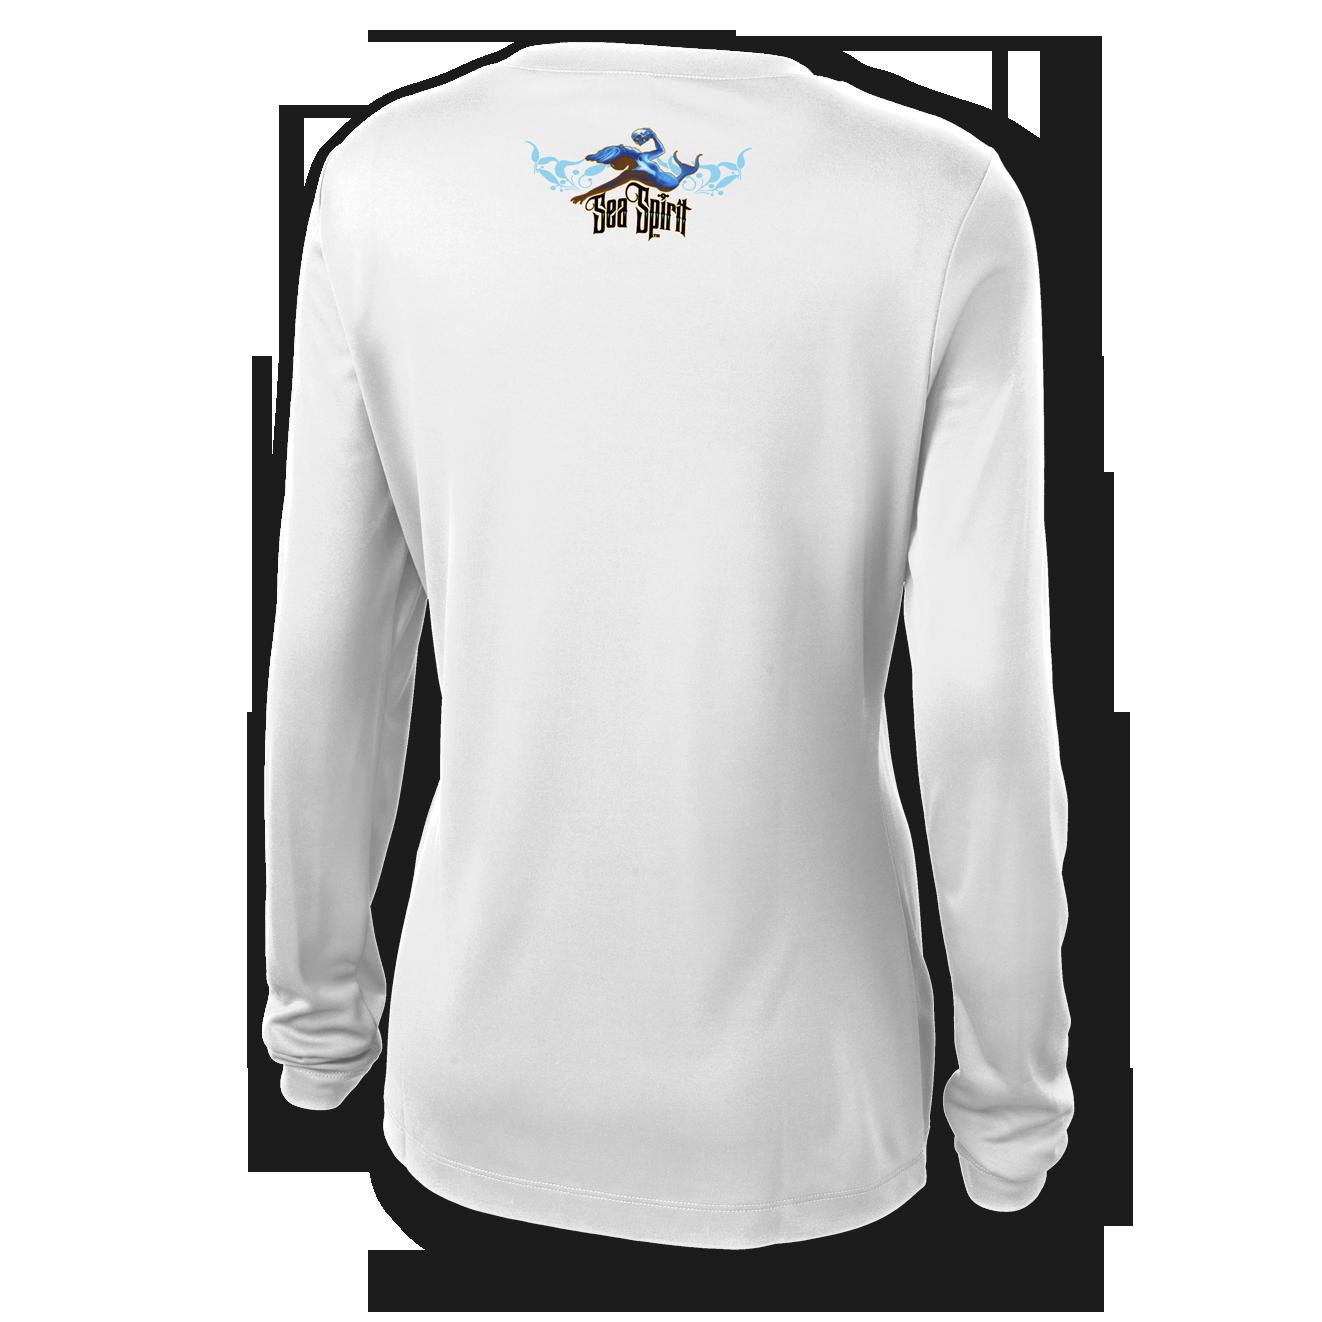 sea-spirit-jason-mathias-womens-v-neck-shirt-sailfish-white-back.png